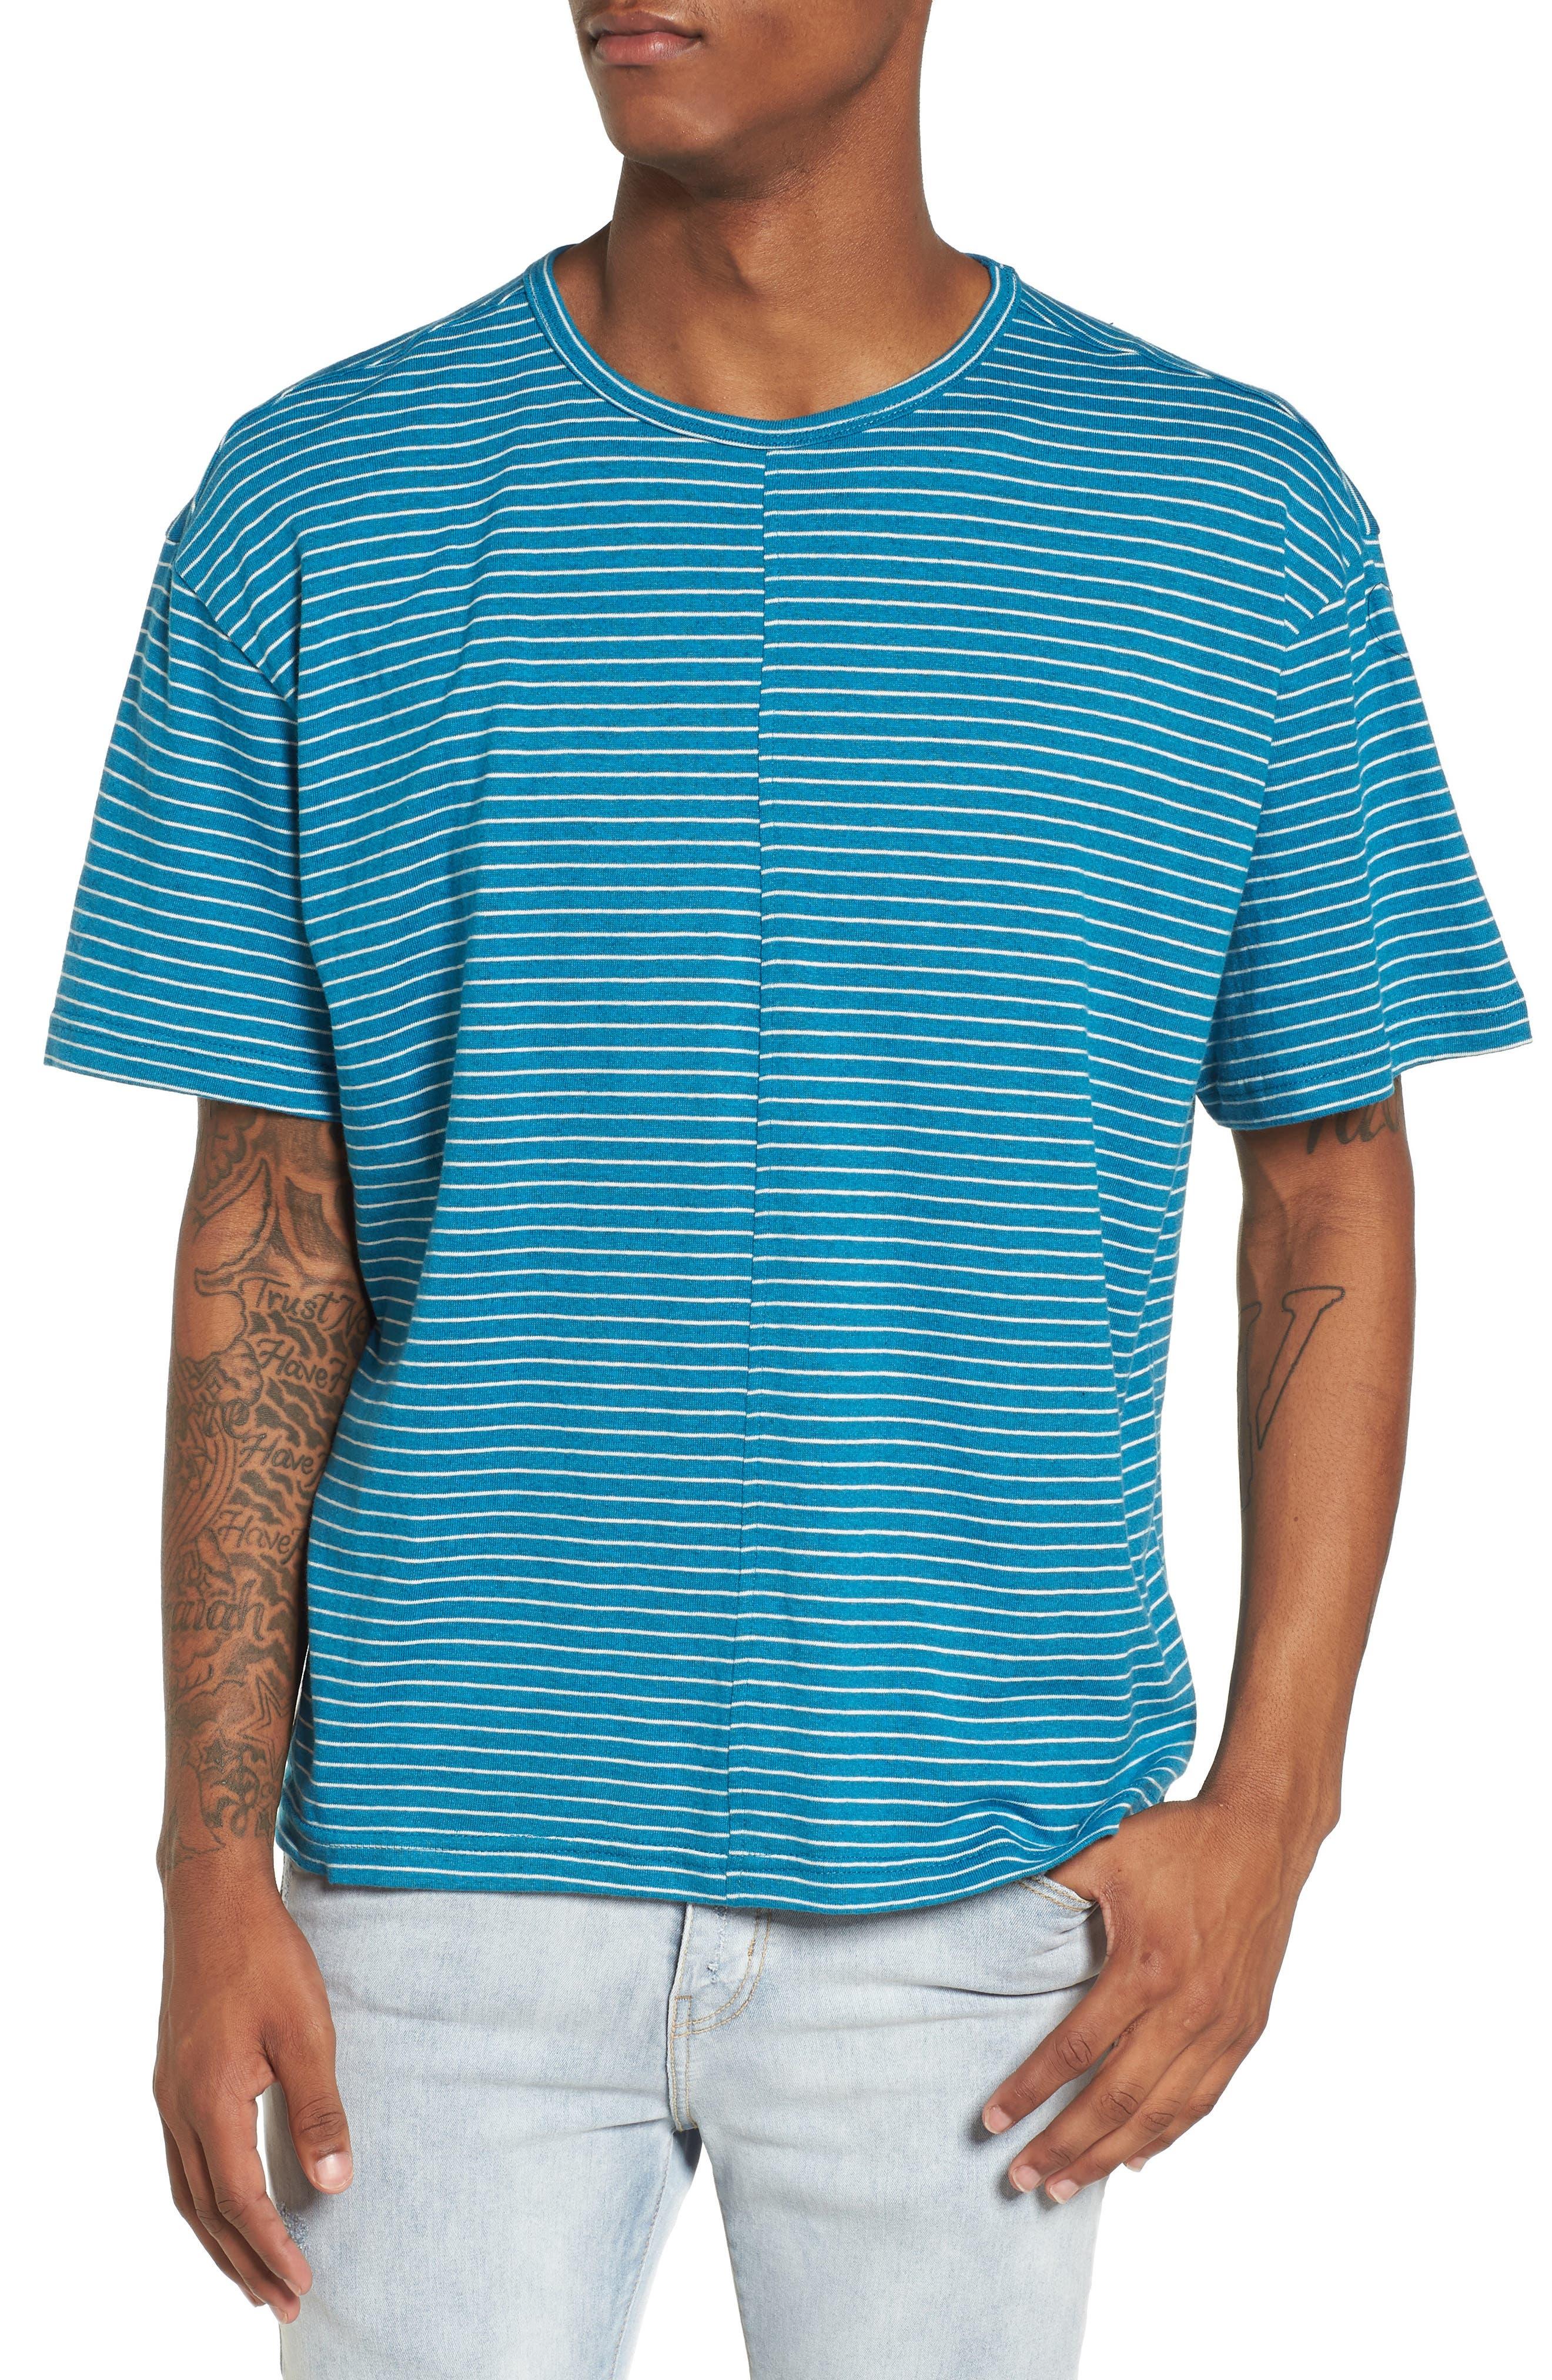 Boost T-Shirt,                             Main thumbnail 1, color,                             400